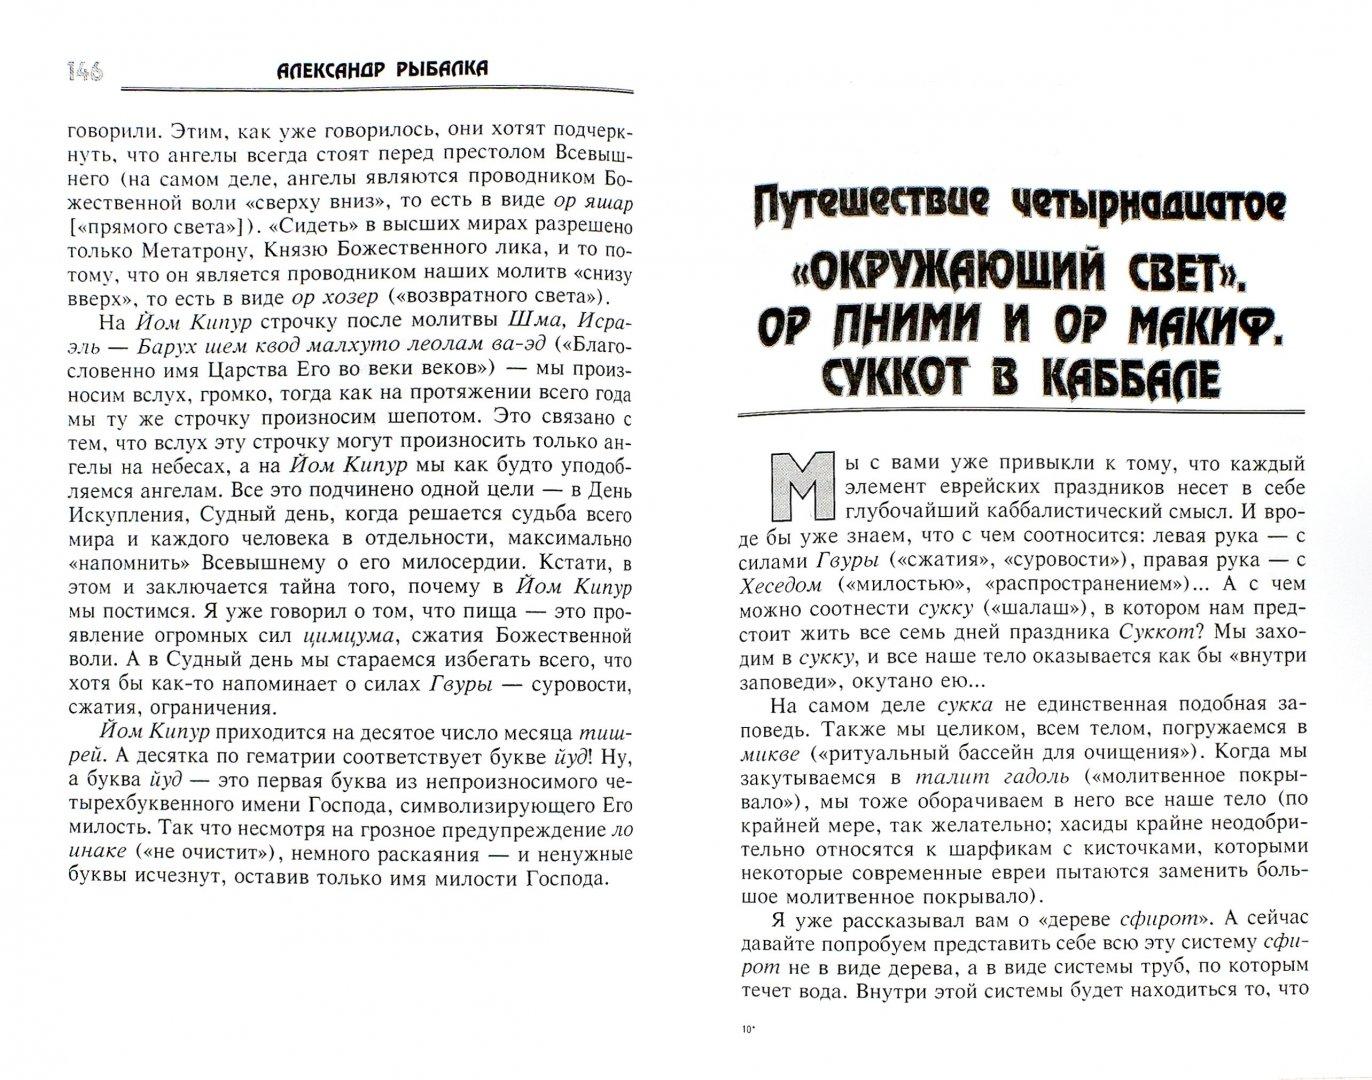 Иллюстрация 1 из 16 для Путеводитель по миру каббалы - Александр Рыбалка | Лабиринт - книги. Источник: Лабиринт